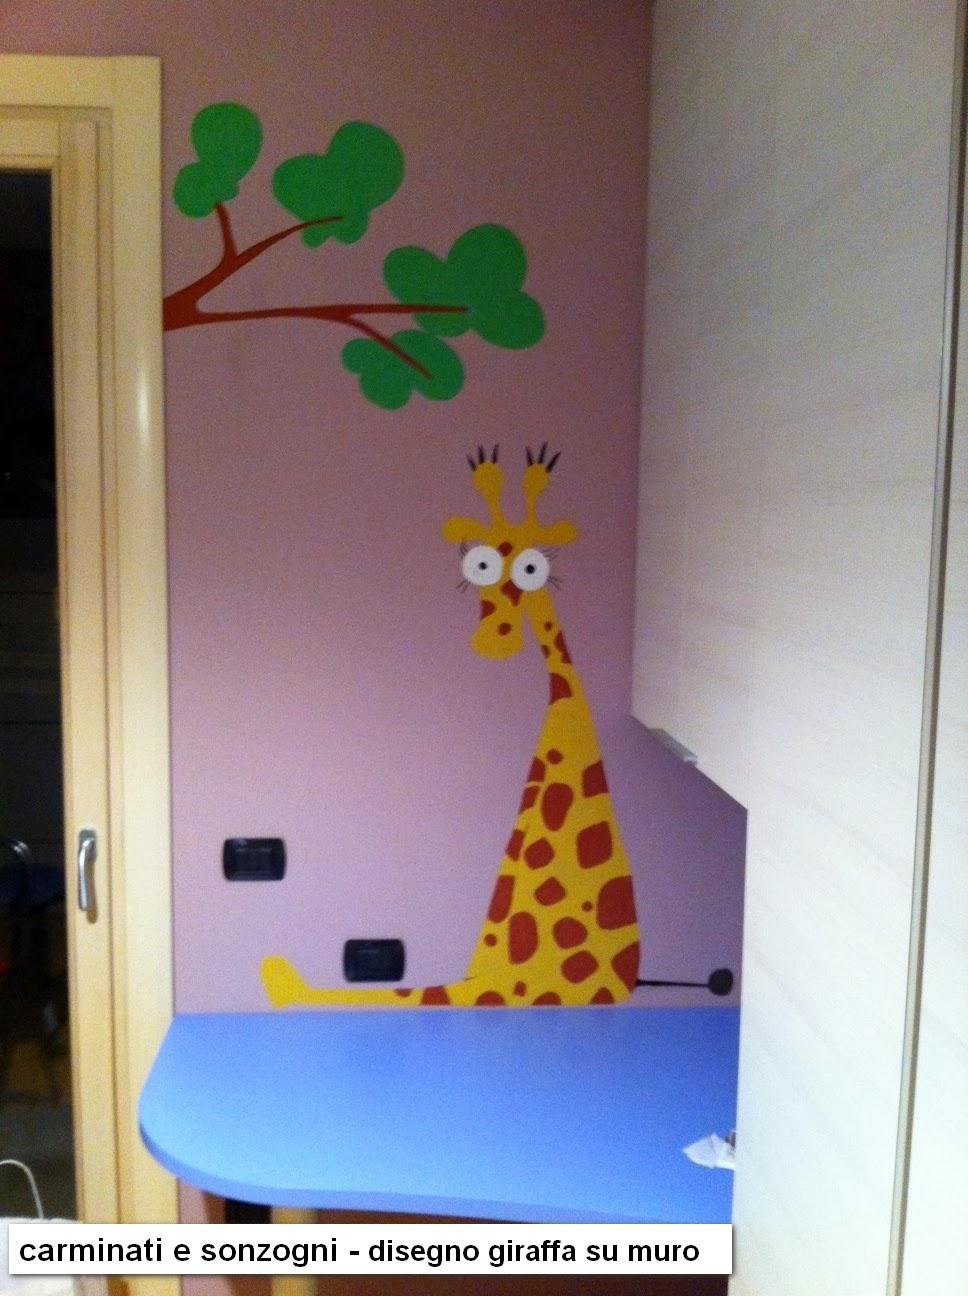 disegno su muro - giraffa.jpg